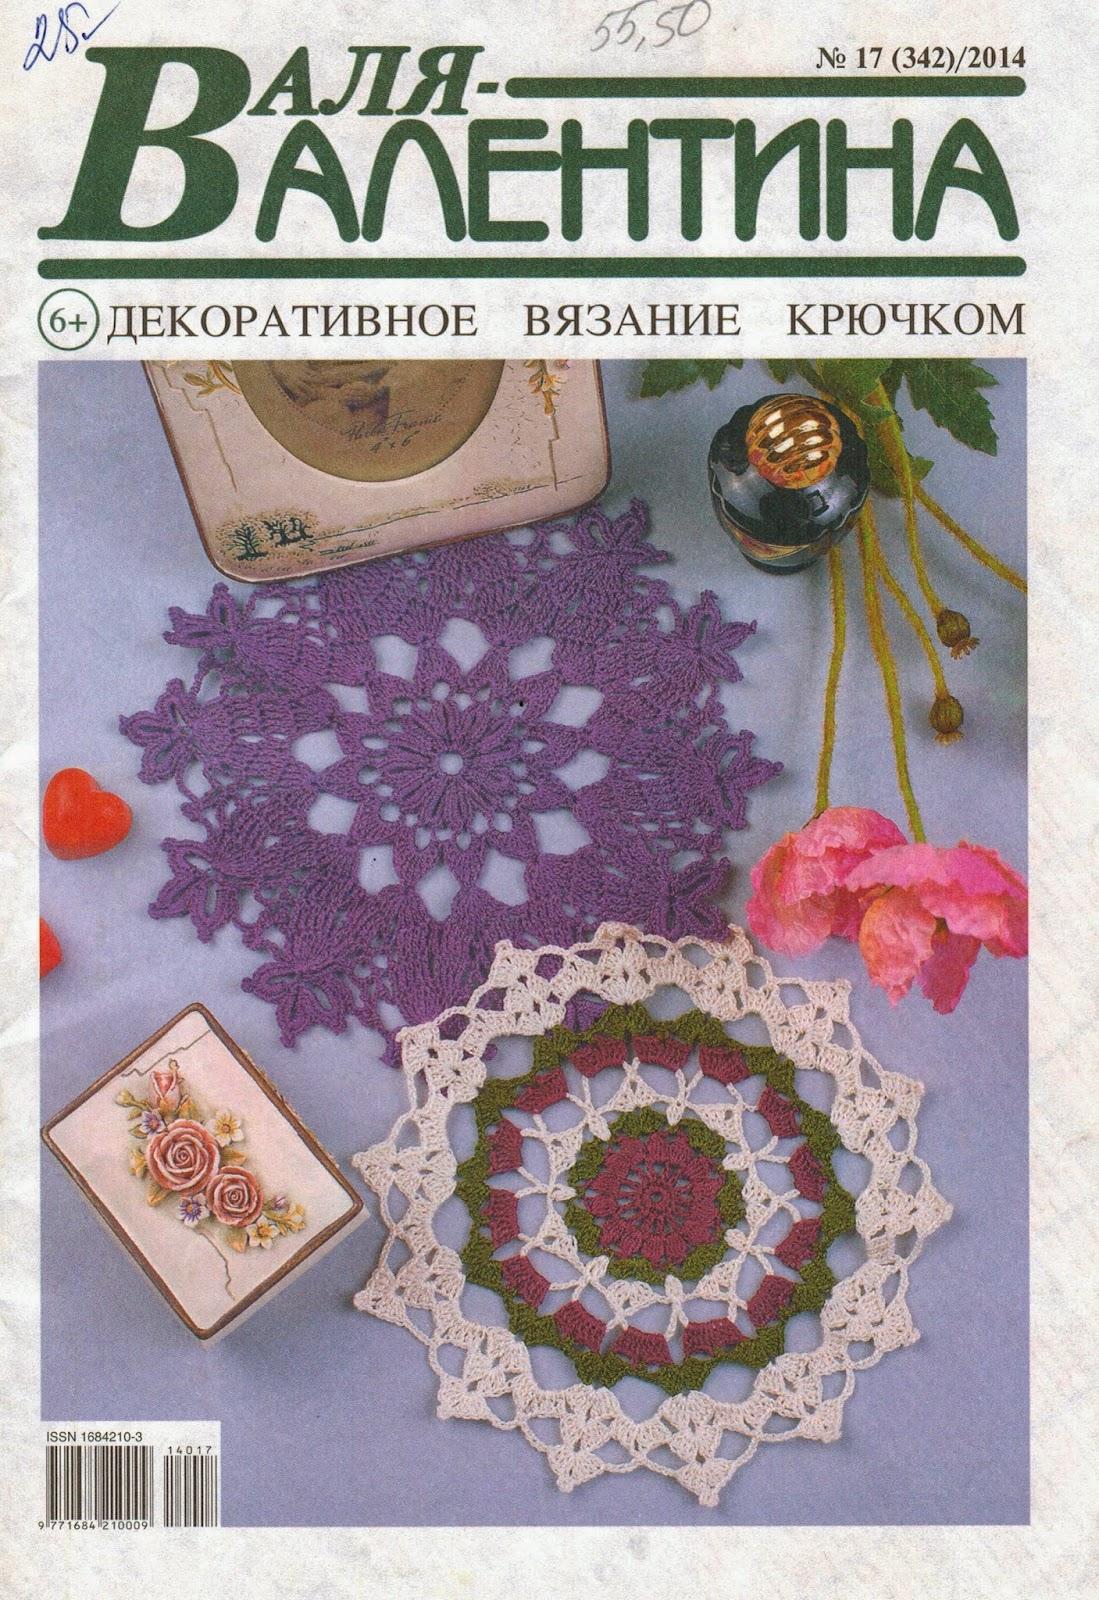 Валя-Валентина № 17(342)2014